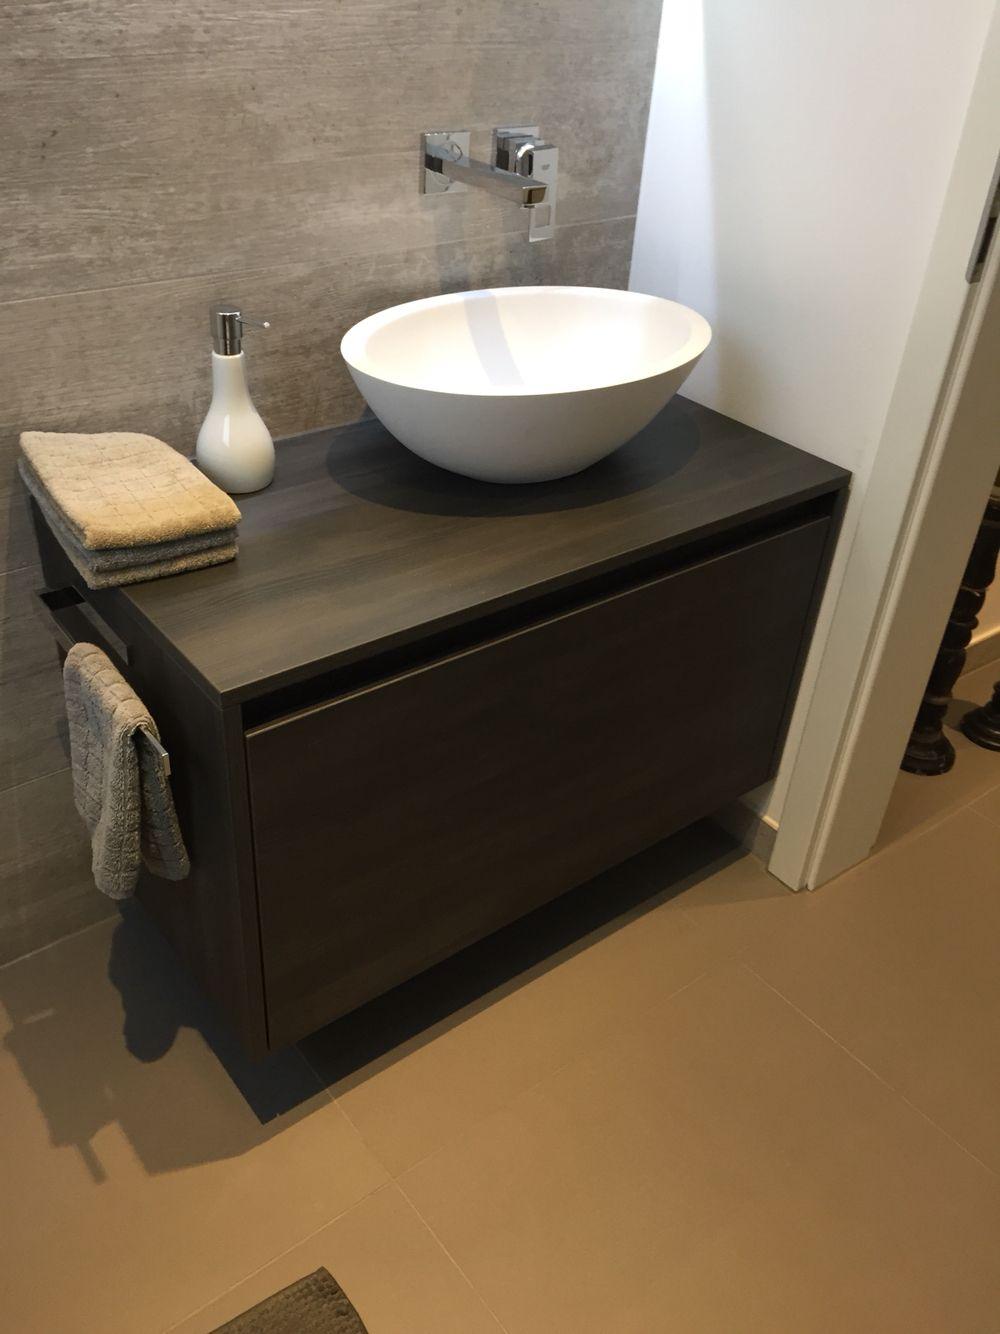 Gäste Wc Waschtsich mit Aufsatz Waschbecken! Von .one bath auf Maß gefertigt